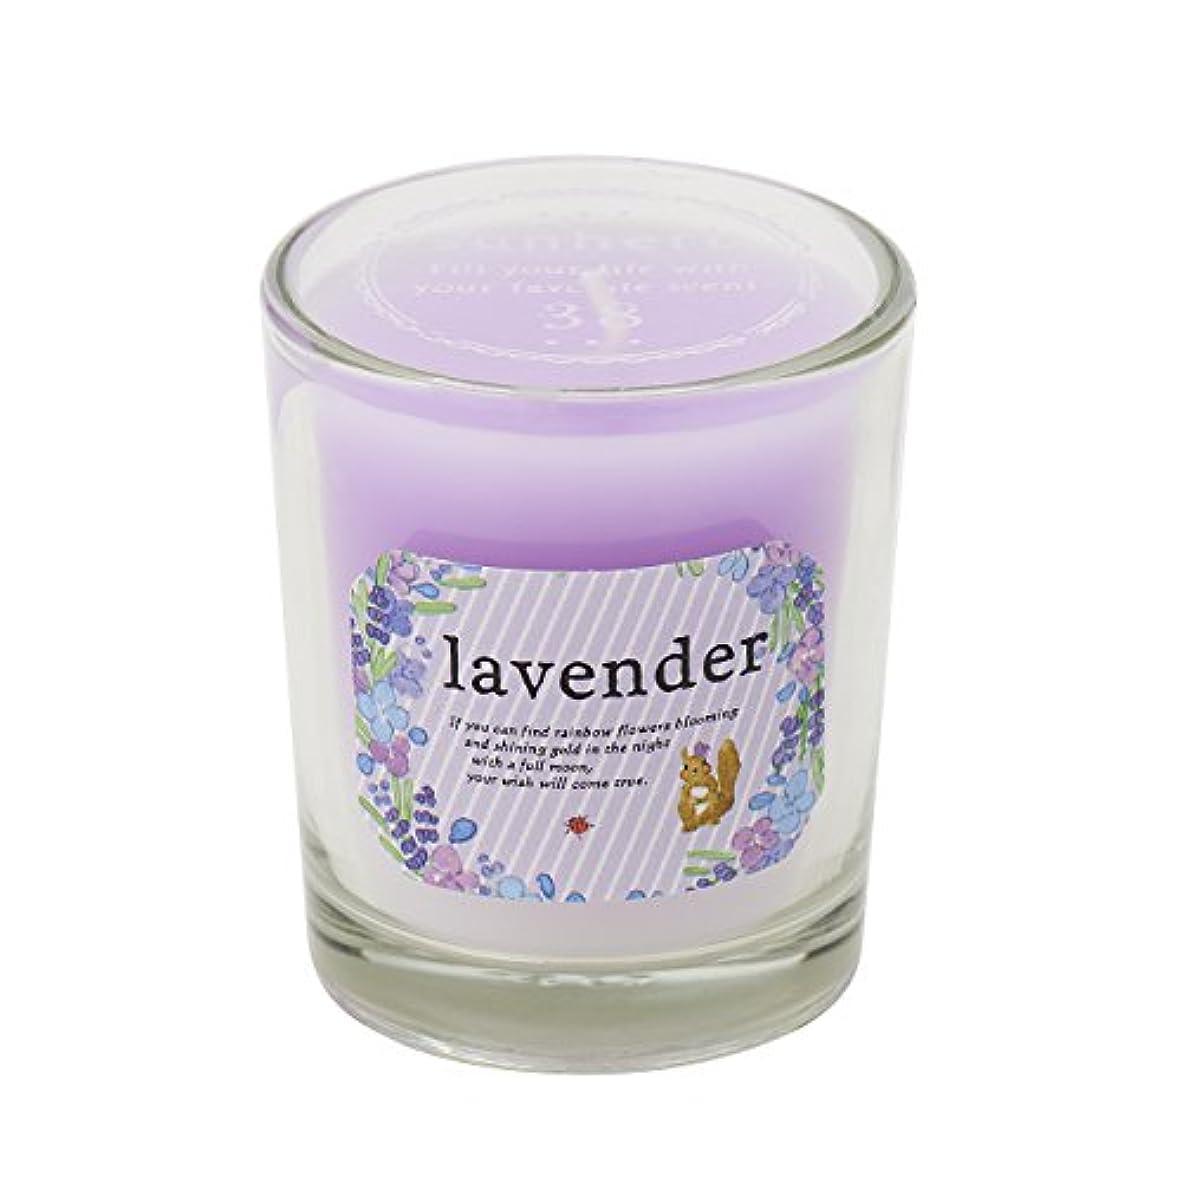 薬理学関数全くサンハーブ グラスキャンドル ラベンダー 35g(グラデーションろうそく 燃焼時間約10時間 ふわっと爽やかなラベンダーの香り)